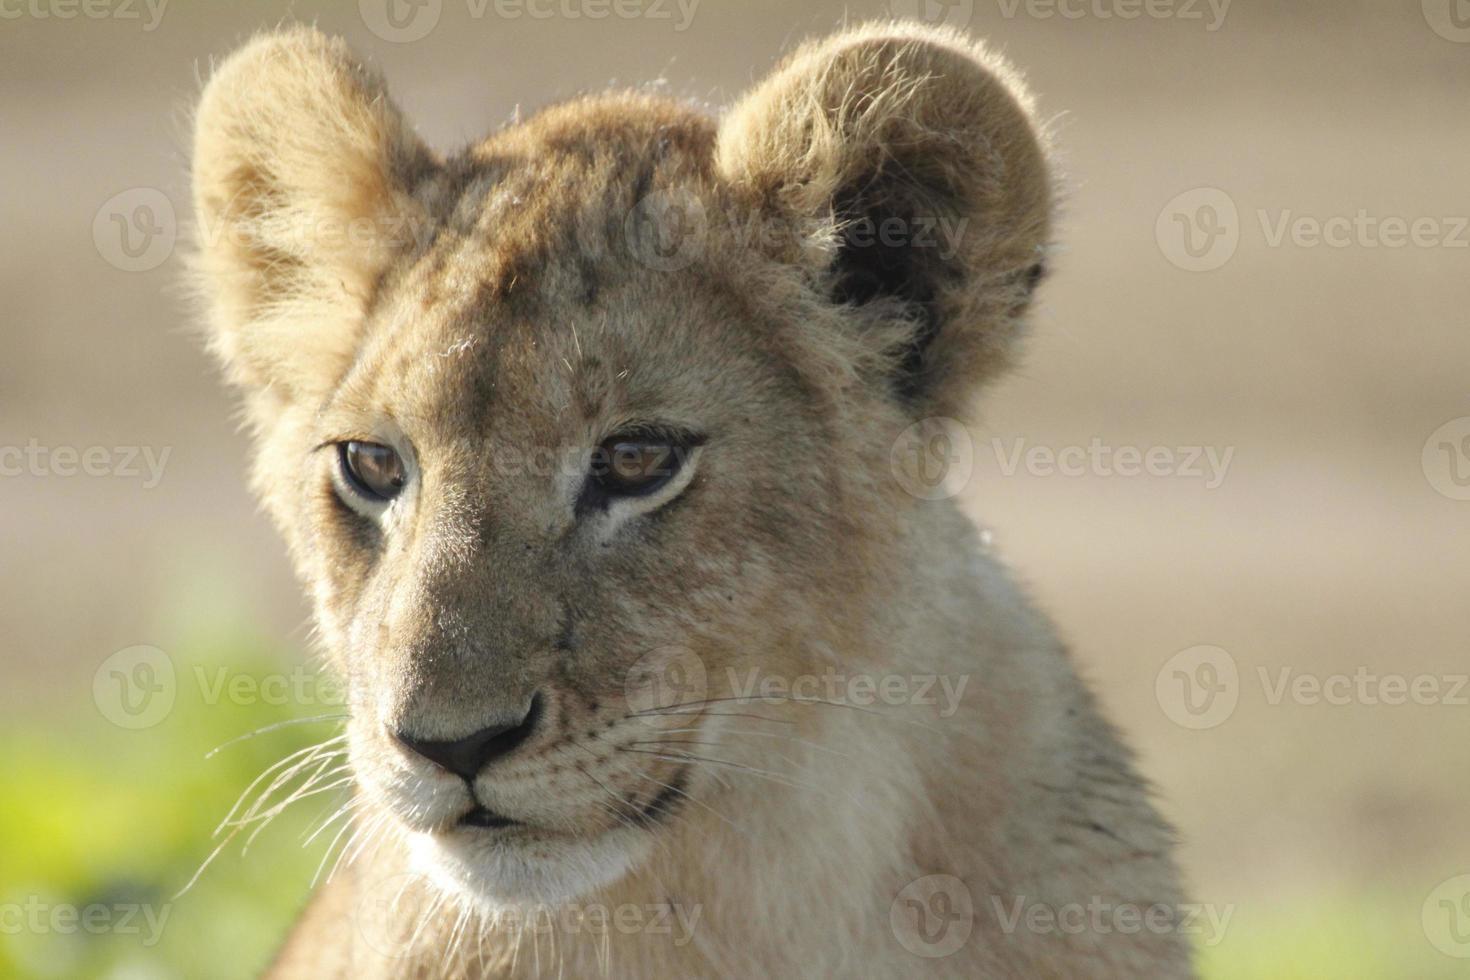 filhote de leão africano foto